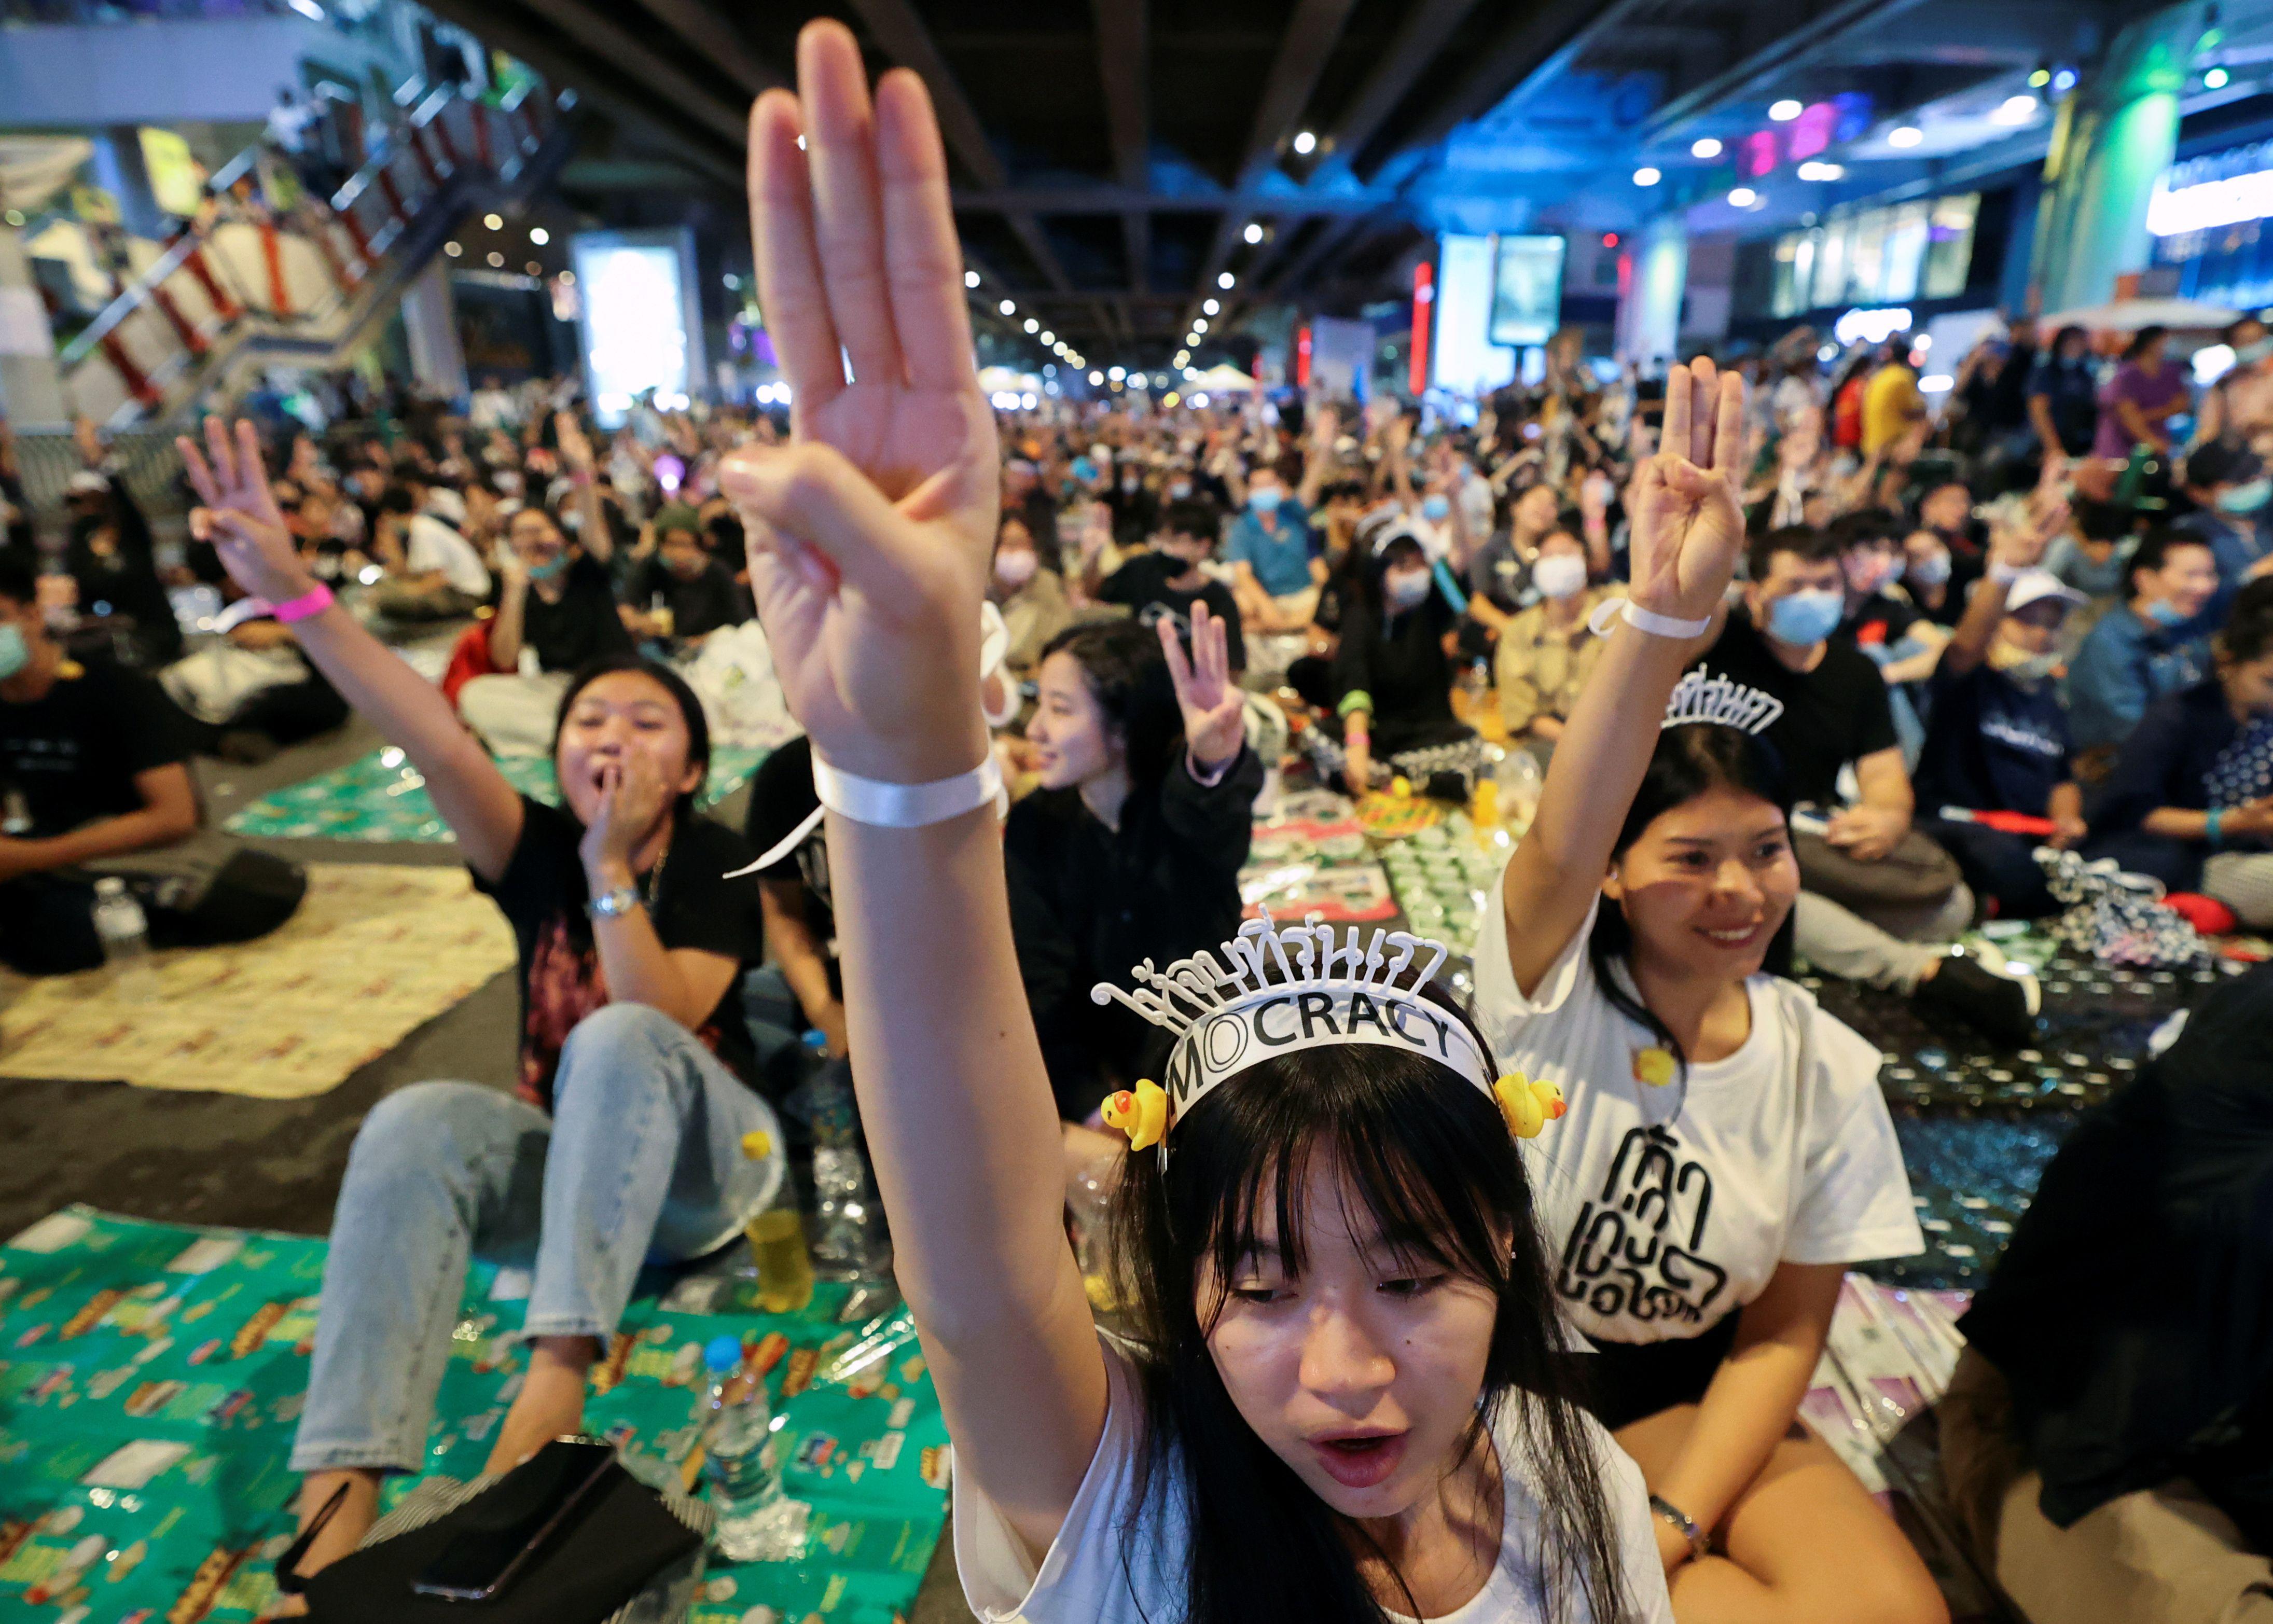 Los manifestantes a favor de la democracia muestran el saludo de tres dedos durante una manifestación a favor de la democracia que exige la renuncia del primer ministro de Tailandia, Prayut Chan-o-cha, y reformas a la monarquía en Bangkok, Tailandia, el 21 de noviembre de 2020. (REUTERS / Chalinee Thirasupa)